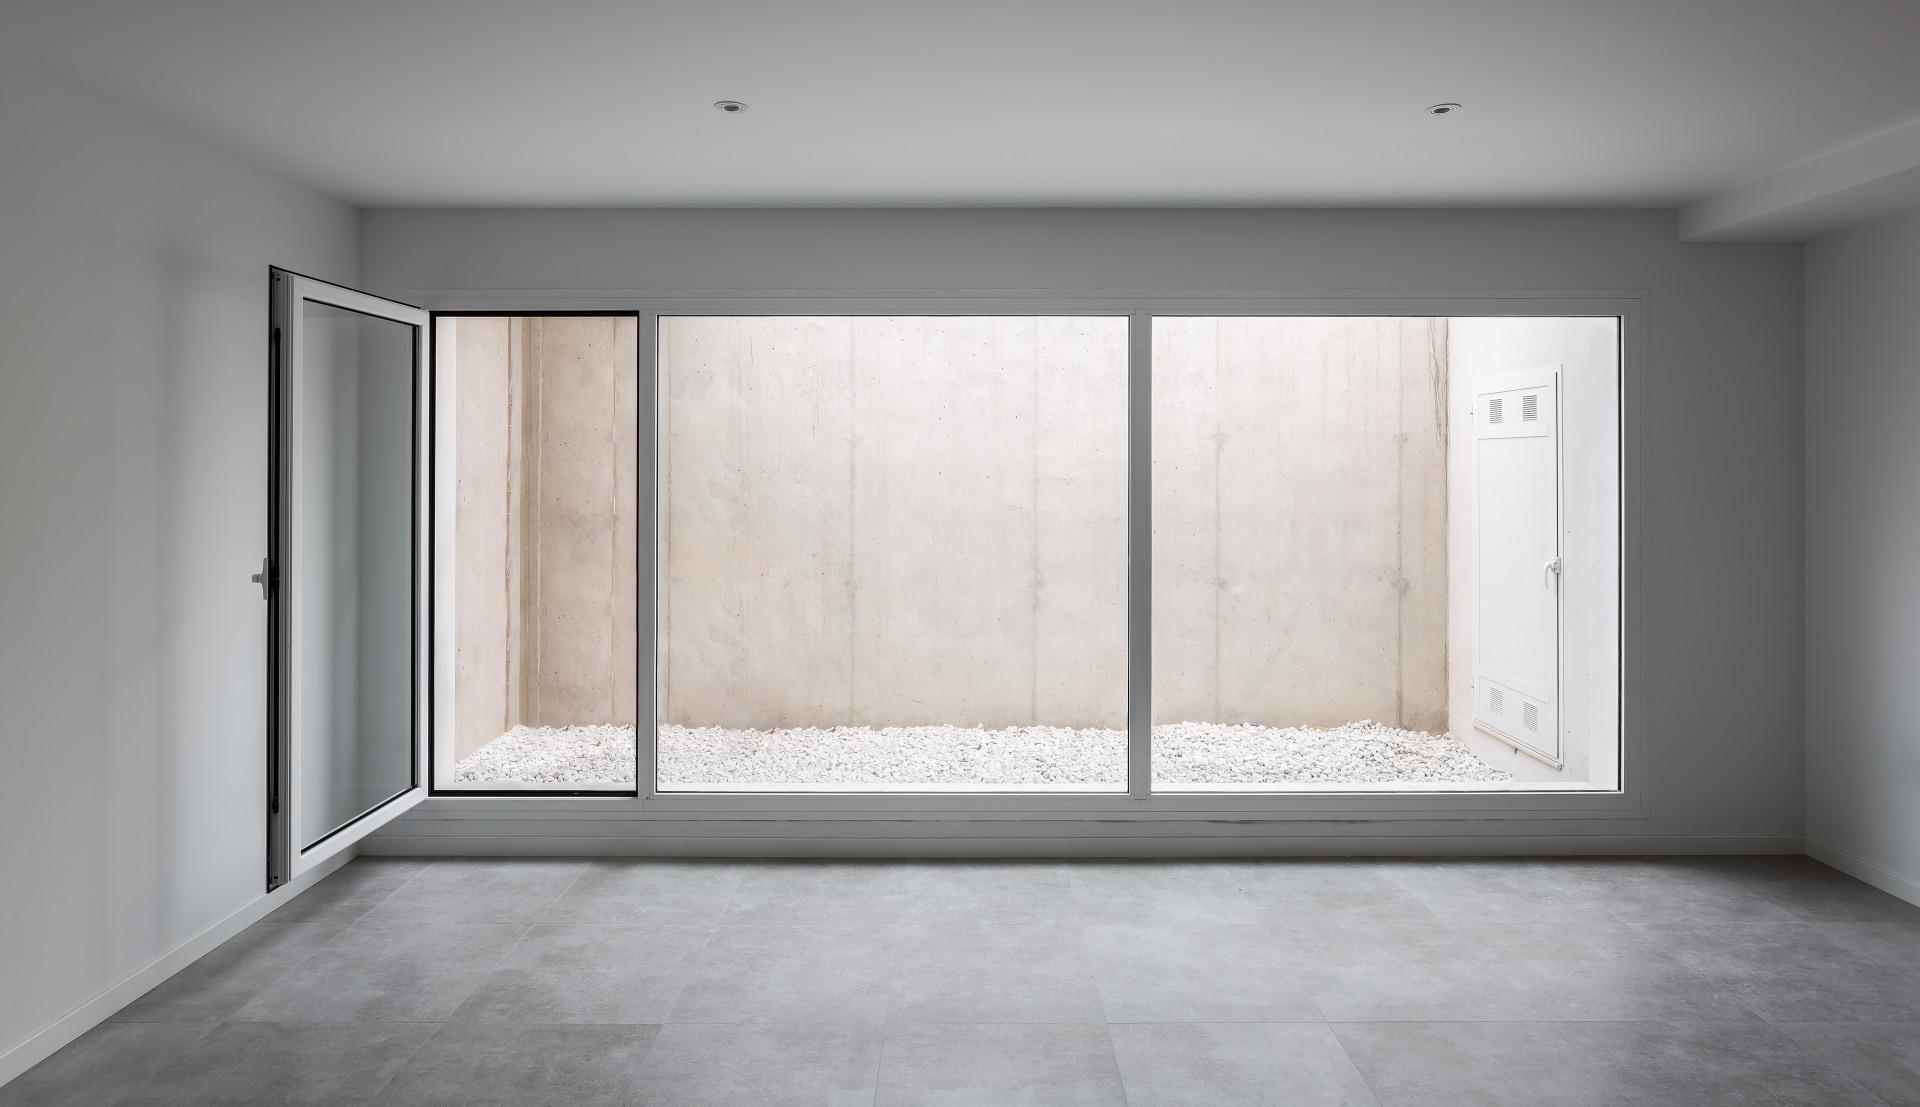 fotografia-arquitectura-valencia-puig-german-cabo-viraje-v15 (22)